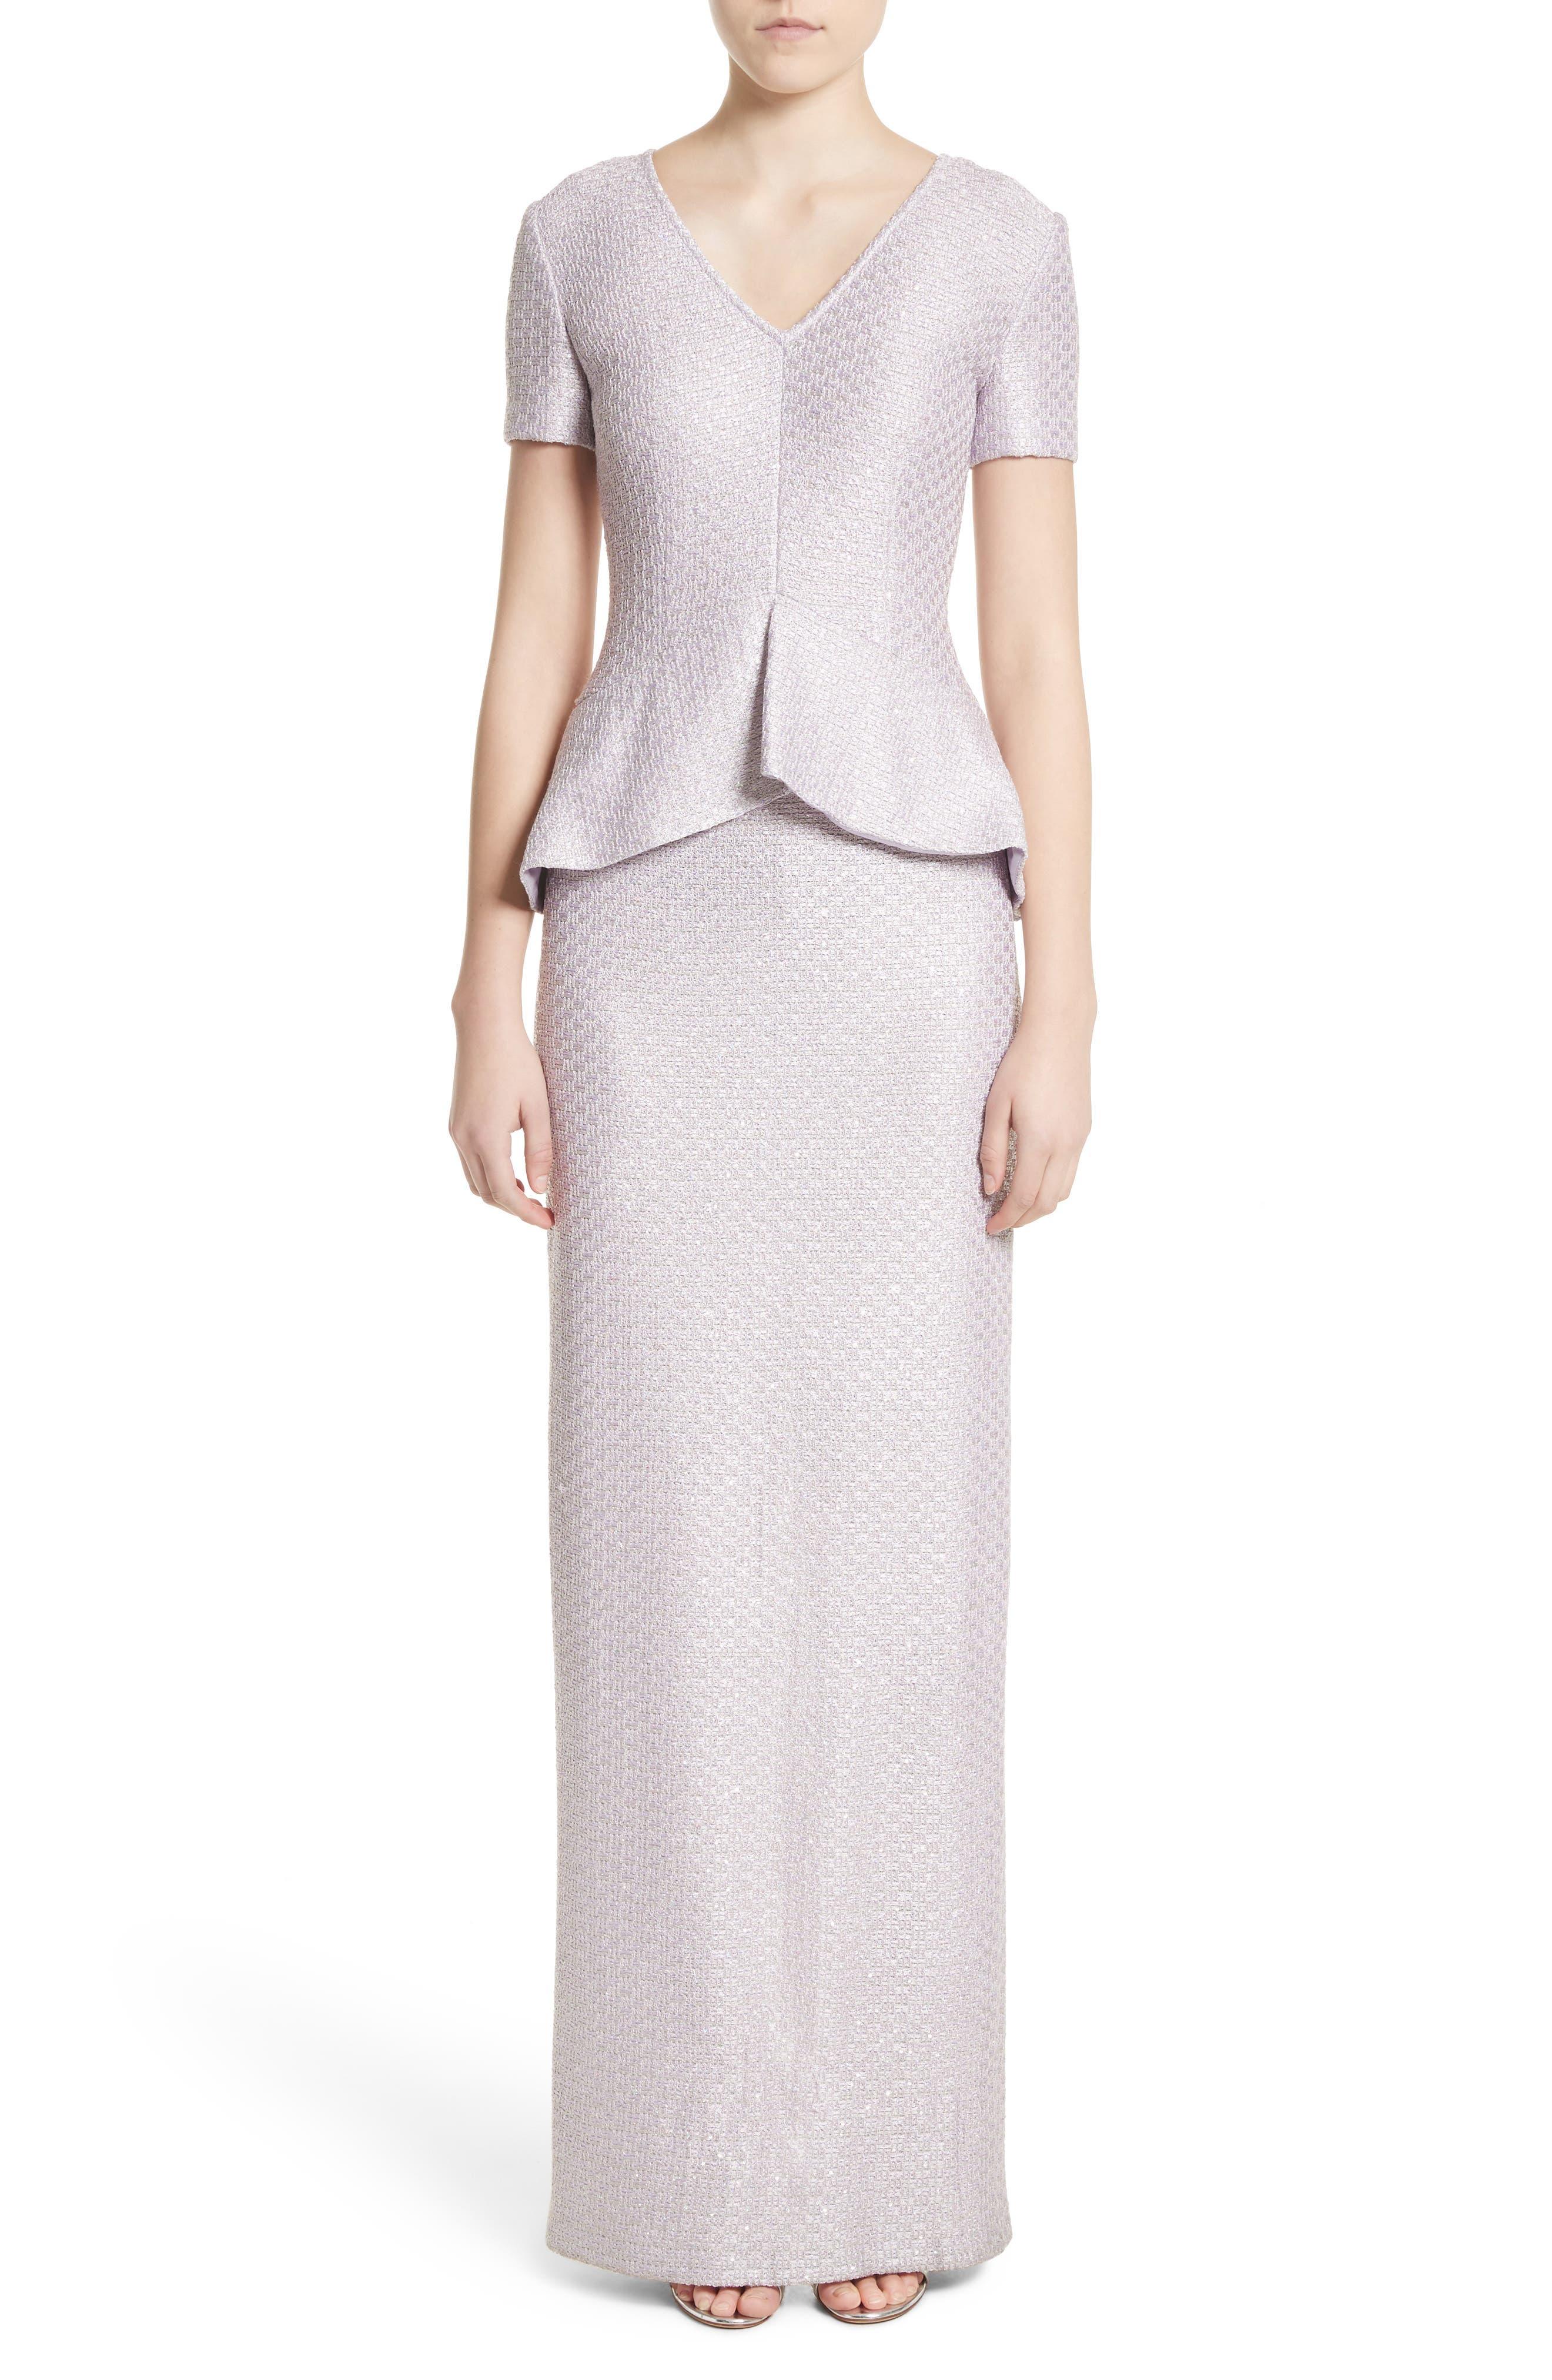 Hansh Sequin Knit Column Gown,                         Main,                         color, 530